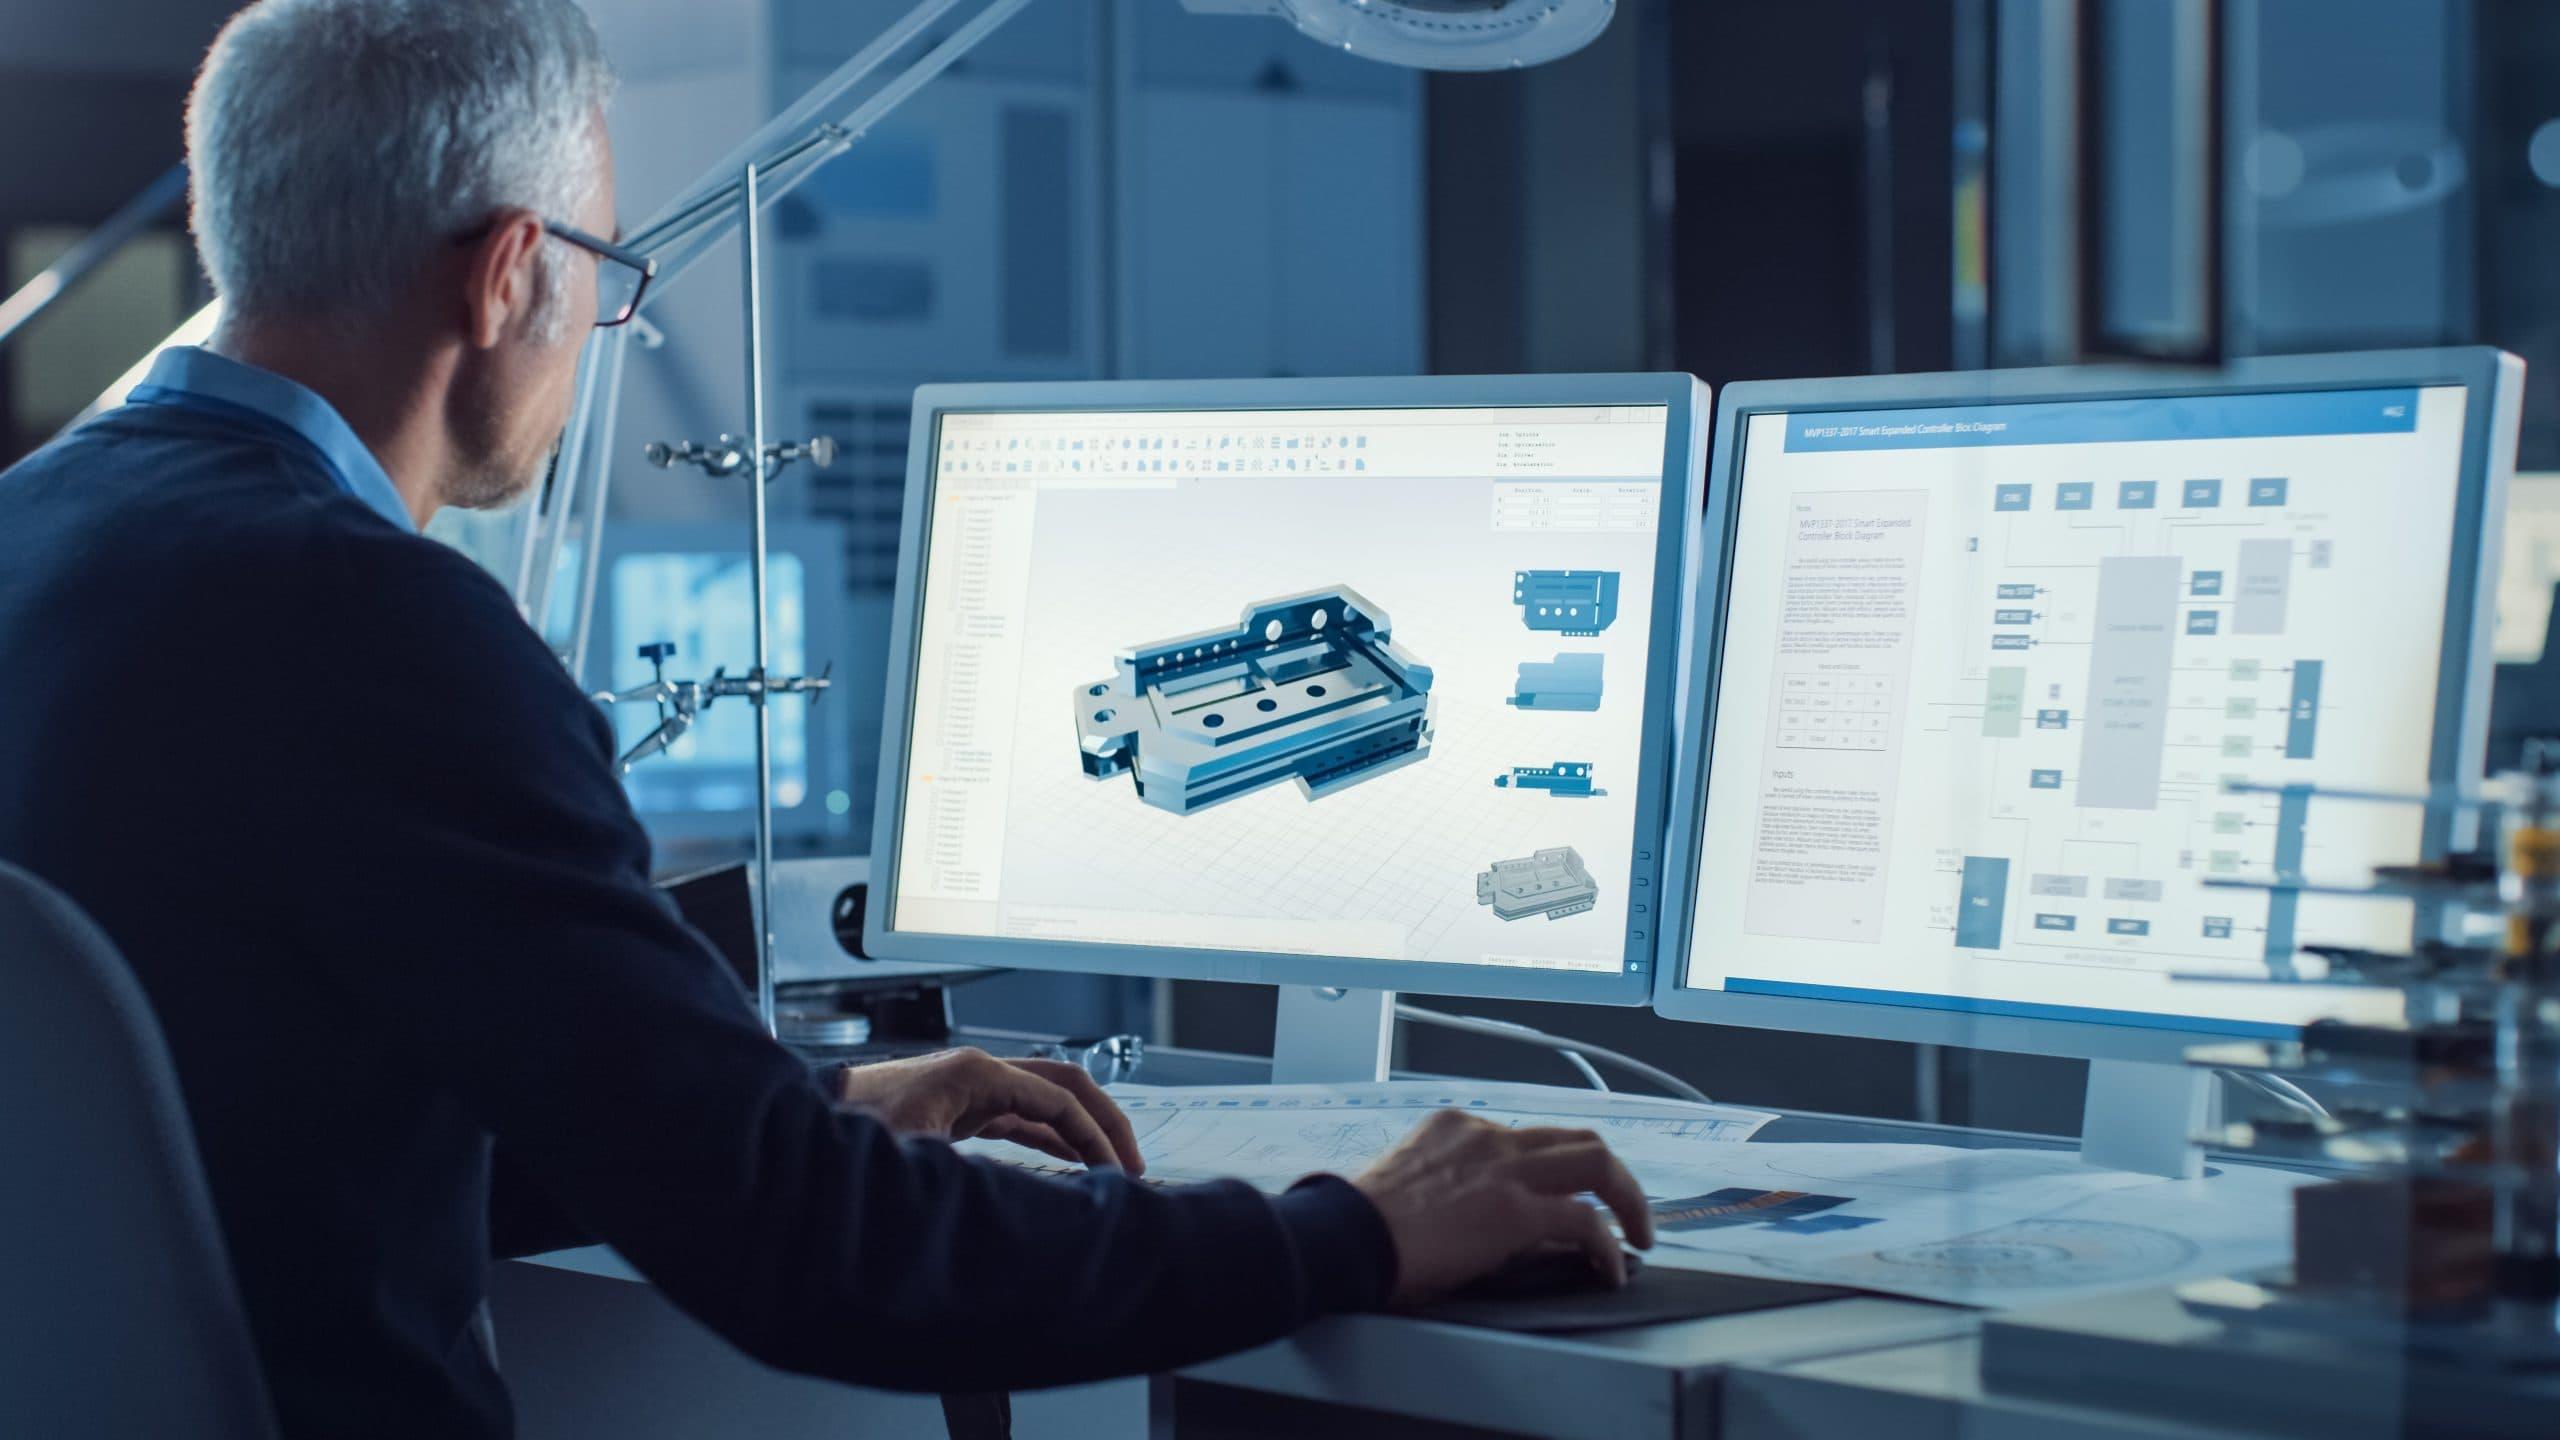 Ingenieur vor zwei Bildschirmen, 3DEXPERIENCE Works Programm geöffnet